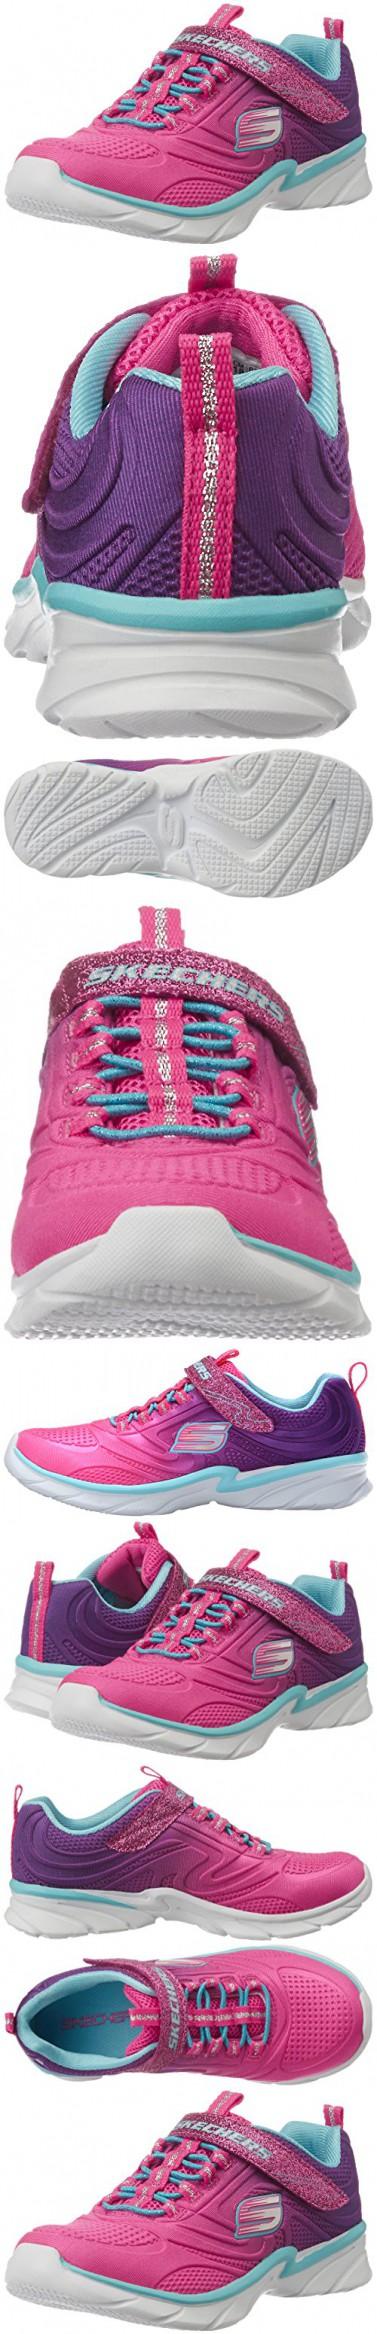 Skechers Kids Swirly Girl-81702L Gore and Strap Sneaker (Little Kid/Big Kid), Neon Pink/Purple, 13 M US Little Kid